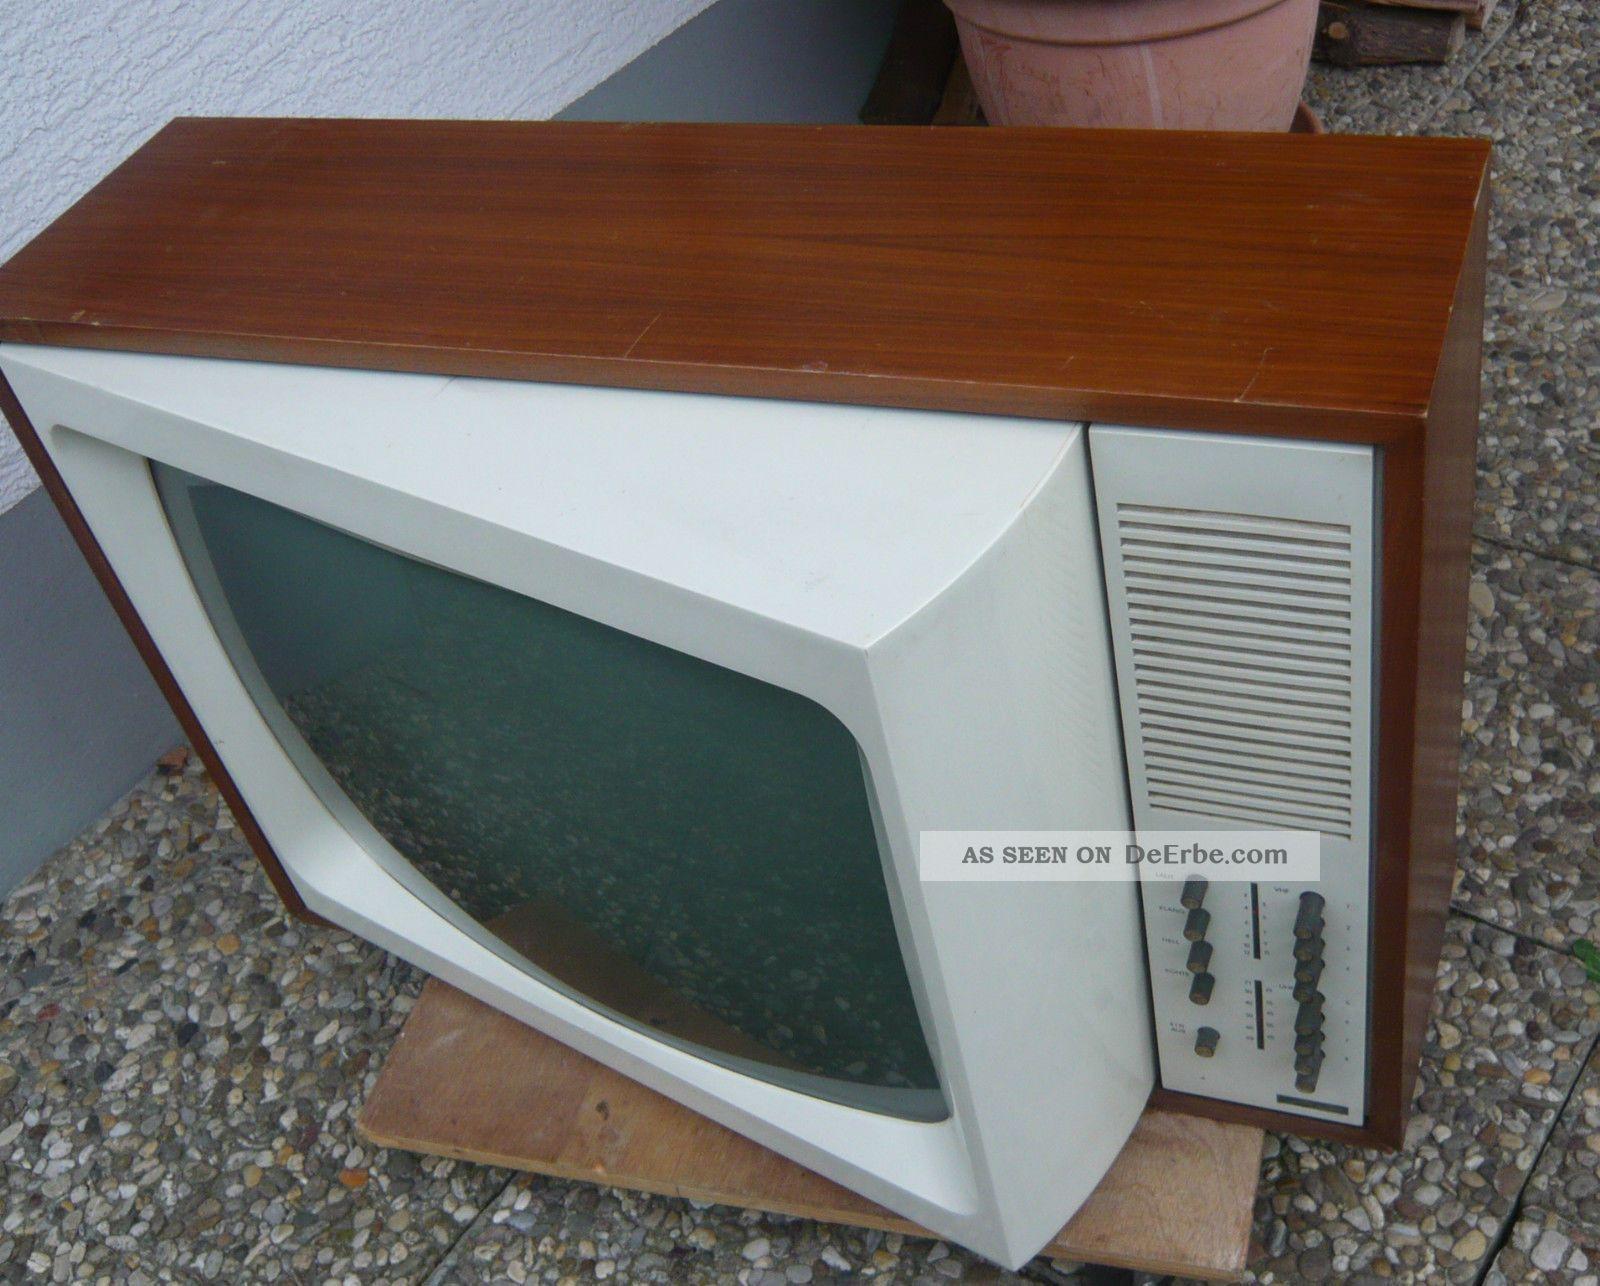 Metz Panama Design - Fernsehgerät Mit Schwenkbarem Bildschirm 60er Jahre Design 1960-1969 Bild